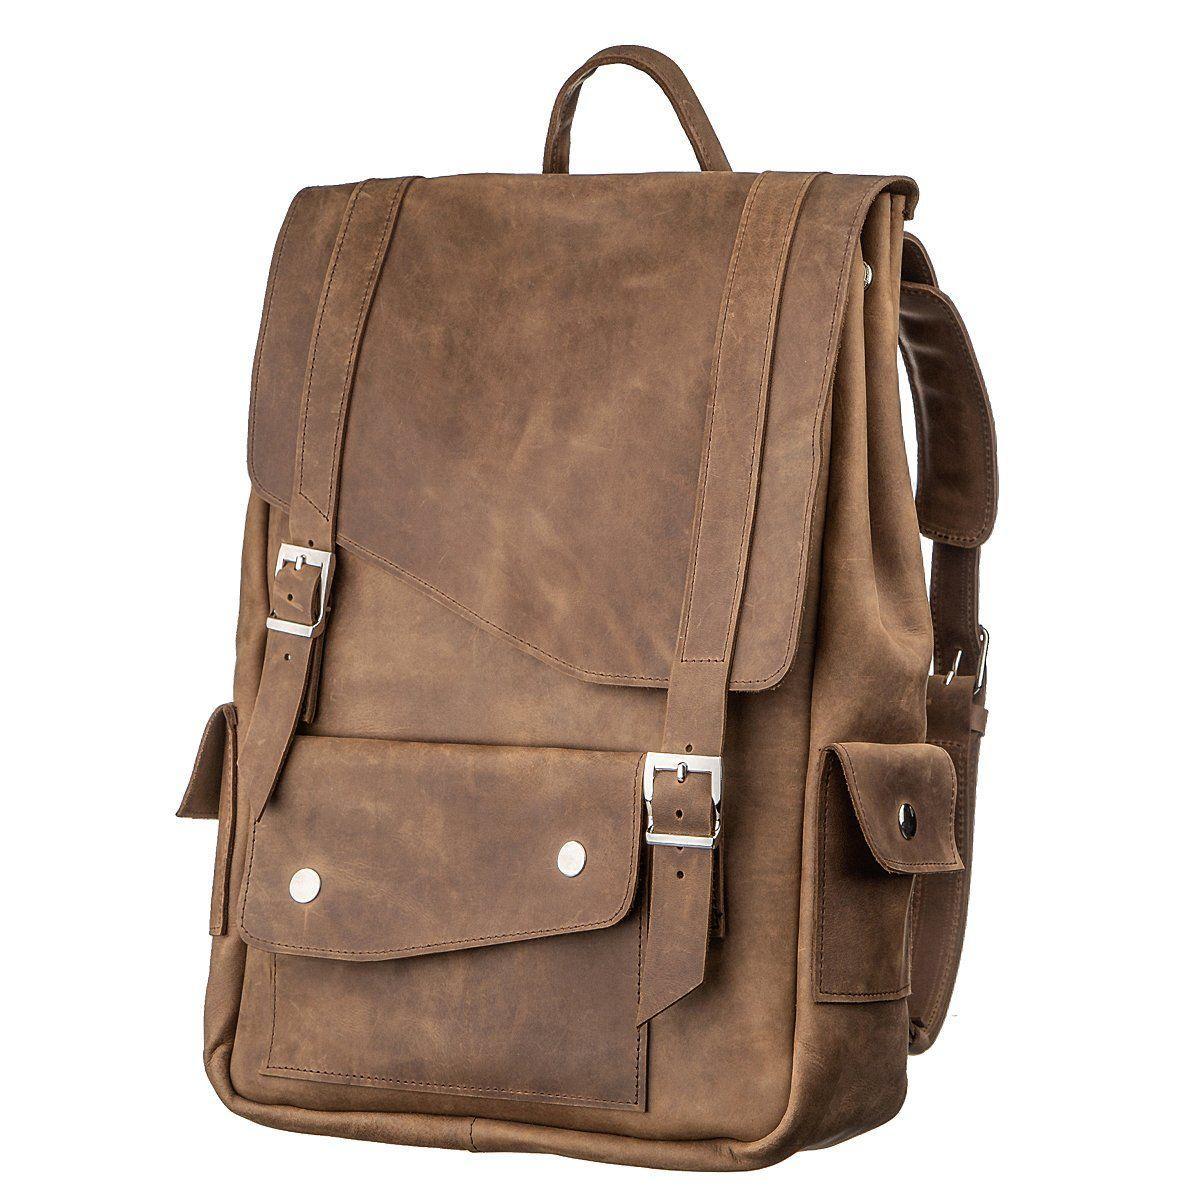 Рюкзак с эффектом старины SHVIGEL13947 Коричневый, Коричневый